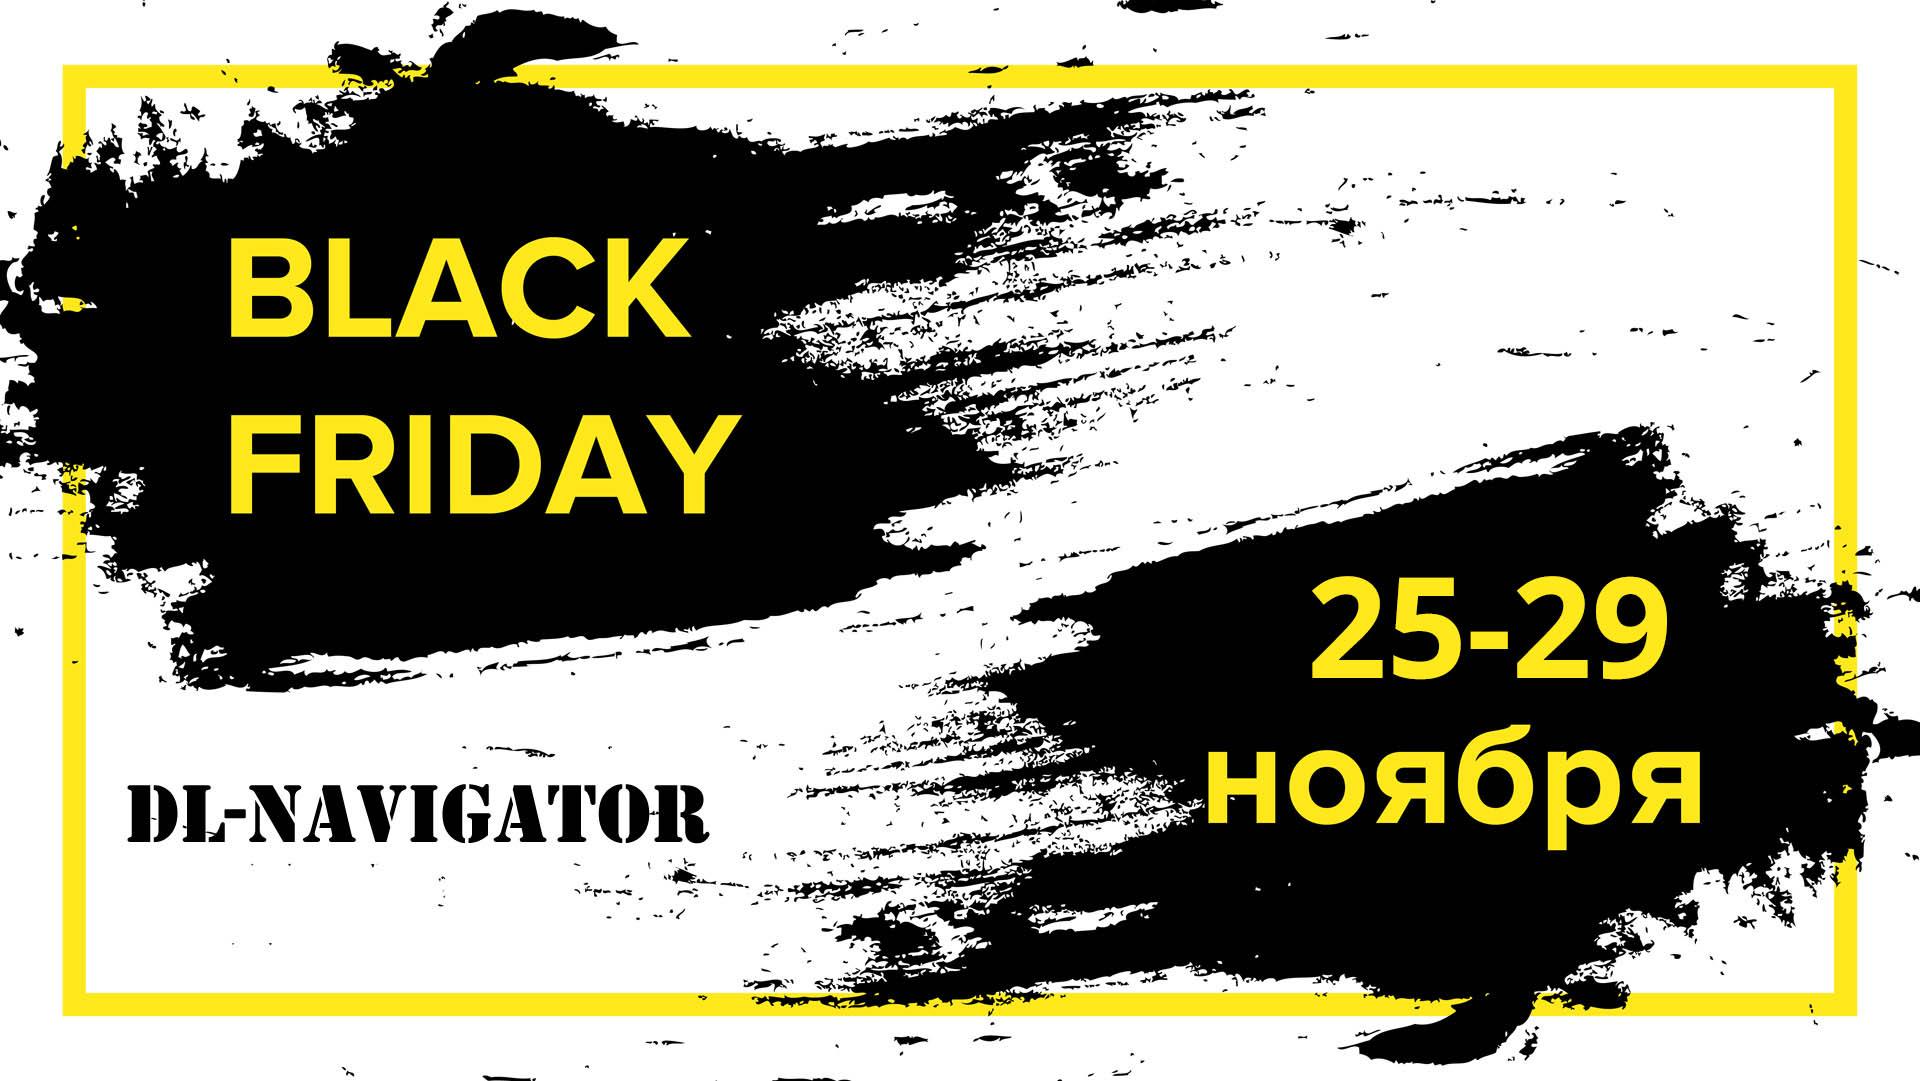 Распродажа туров на черную пятницу от ДЛ-Навигатор